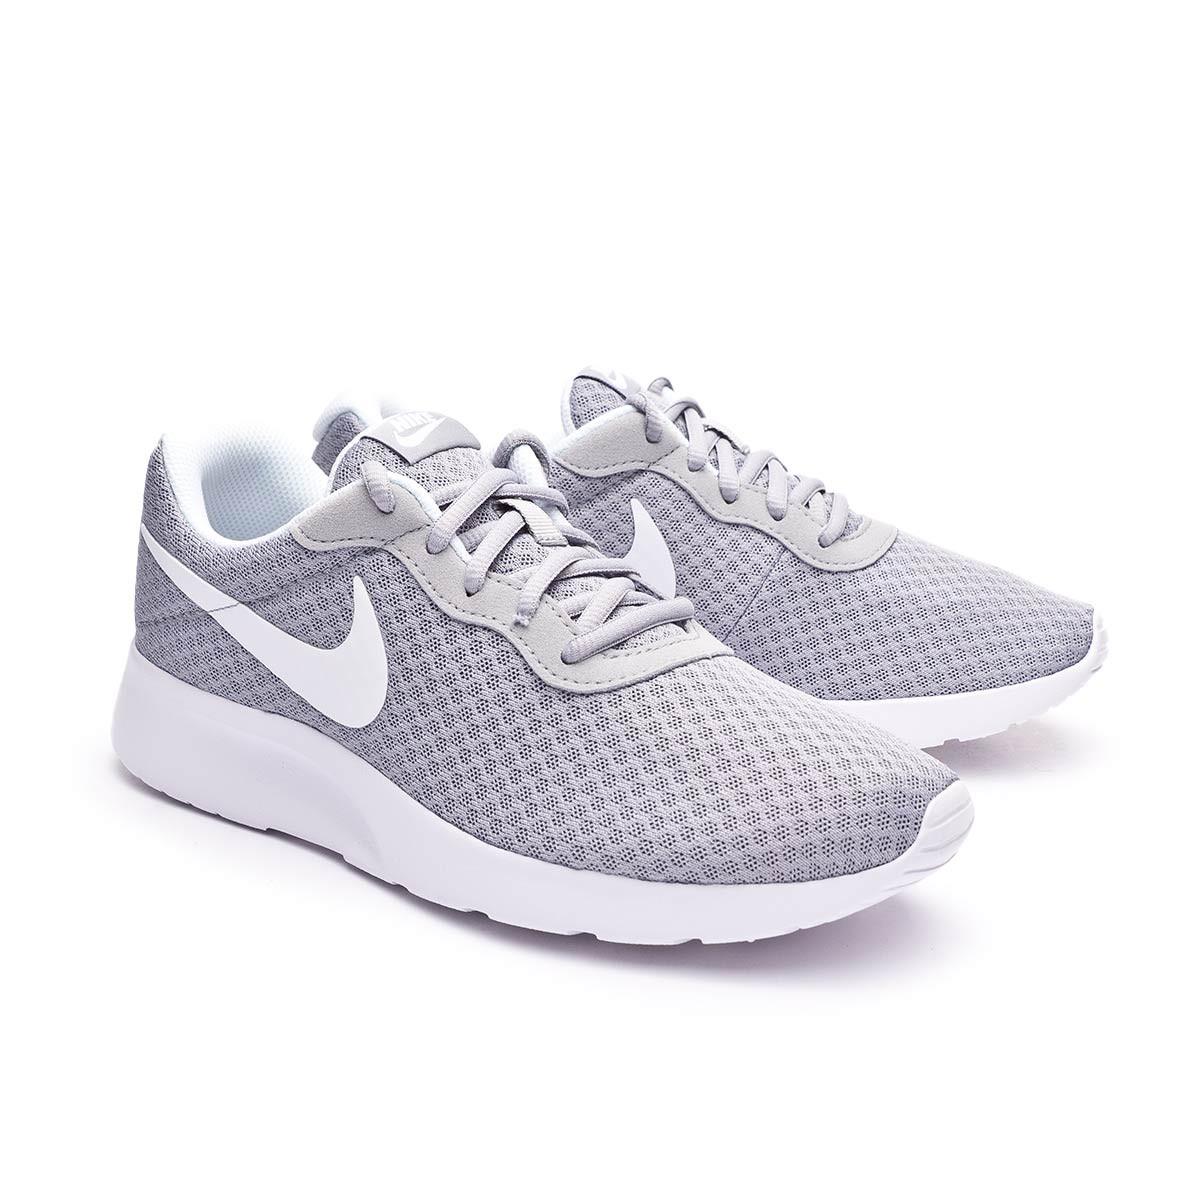 acero más Recepción  Zapatilla Nike Tanjun Mujer Wolf grey-White - Tienda de fútbol Fútbol  Emotion